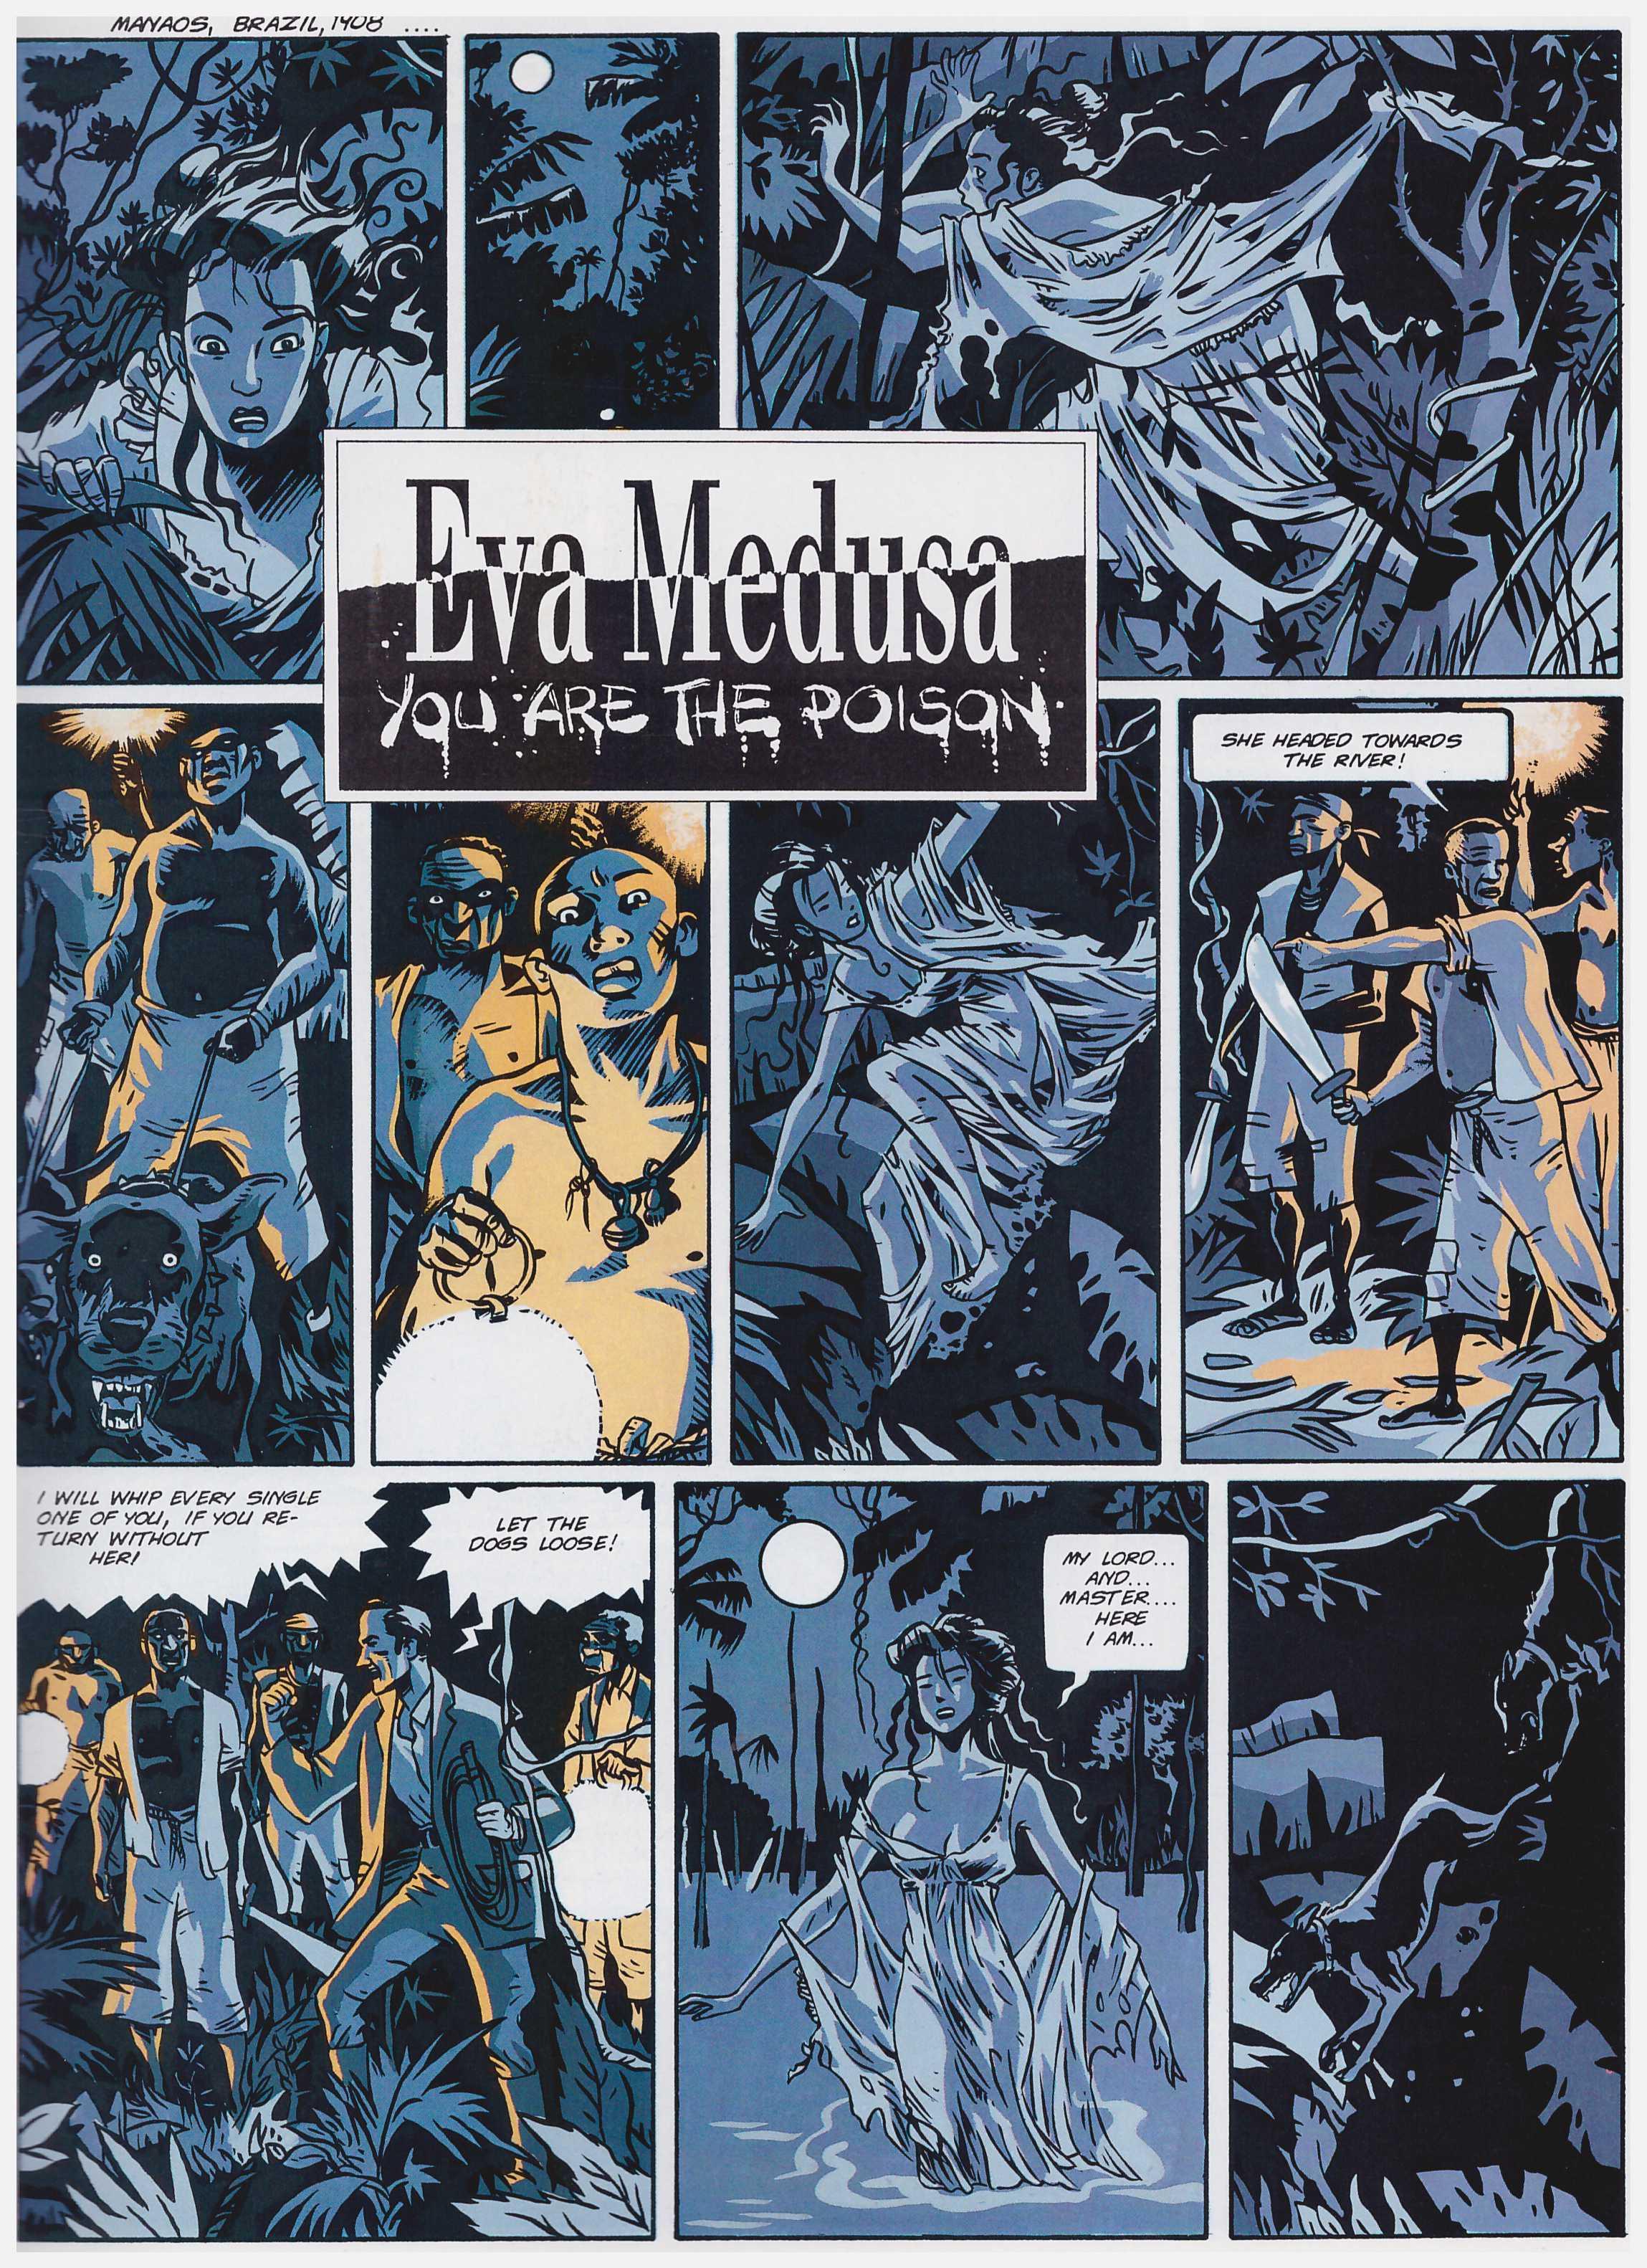 Eva Medusa graphic novel review